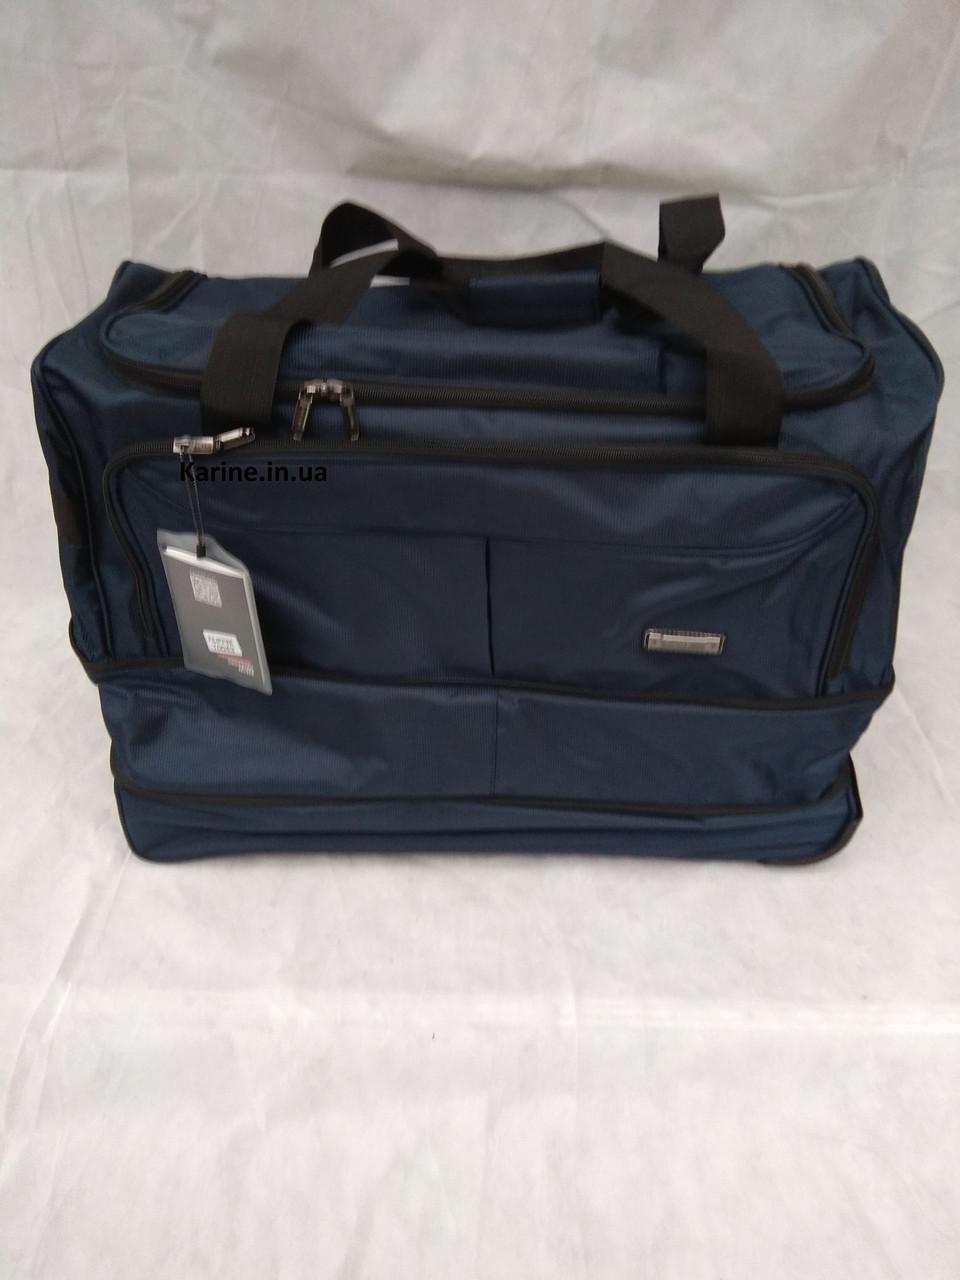 80bb9b405d2b Дорожная сумка на трех колесах 120 л, с расширением XL - Интернет магазин